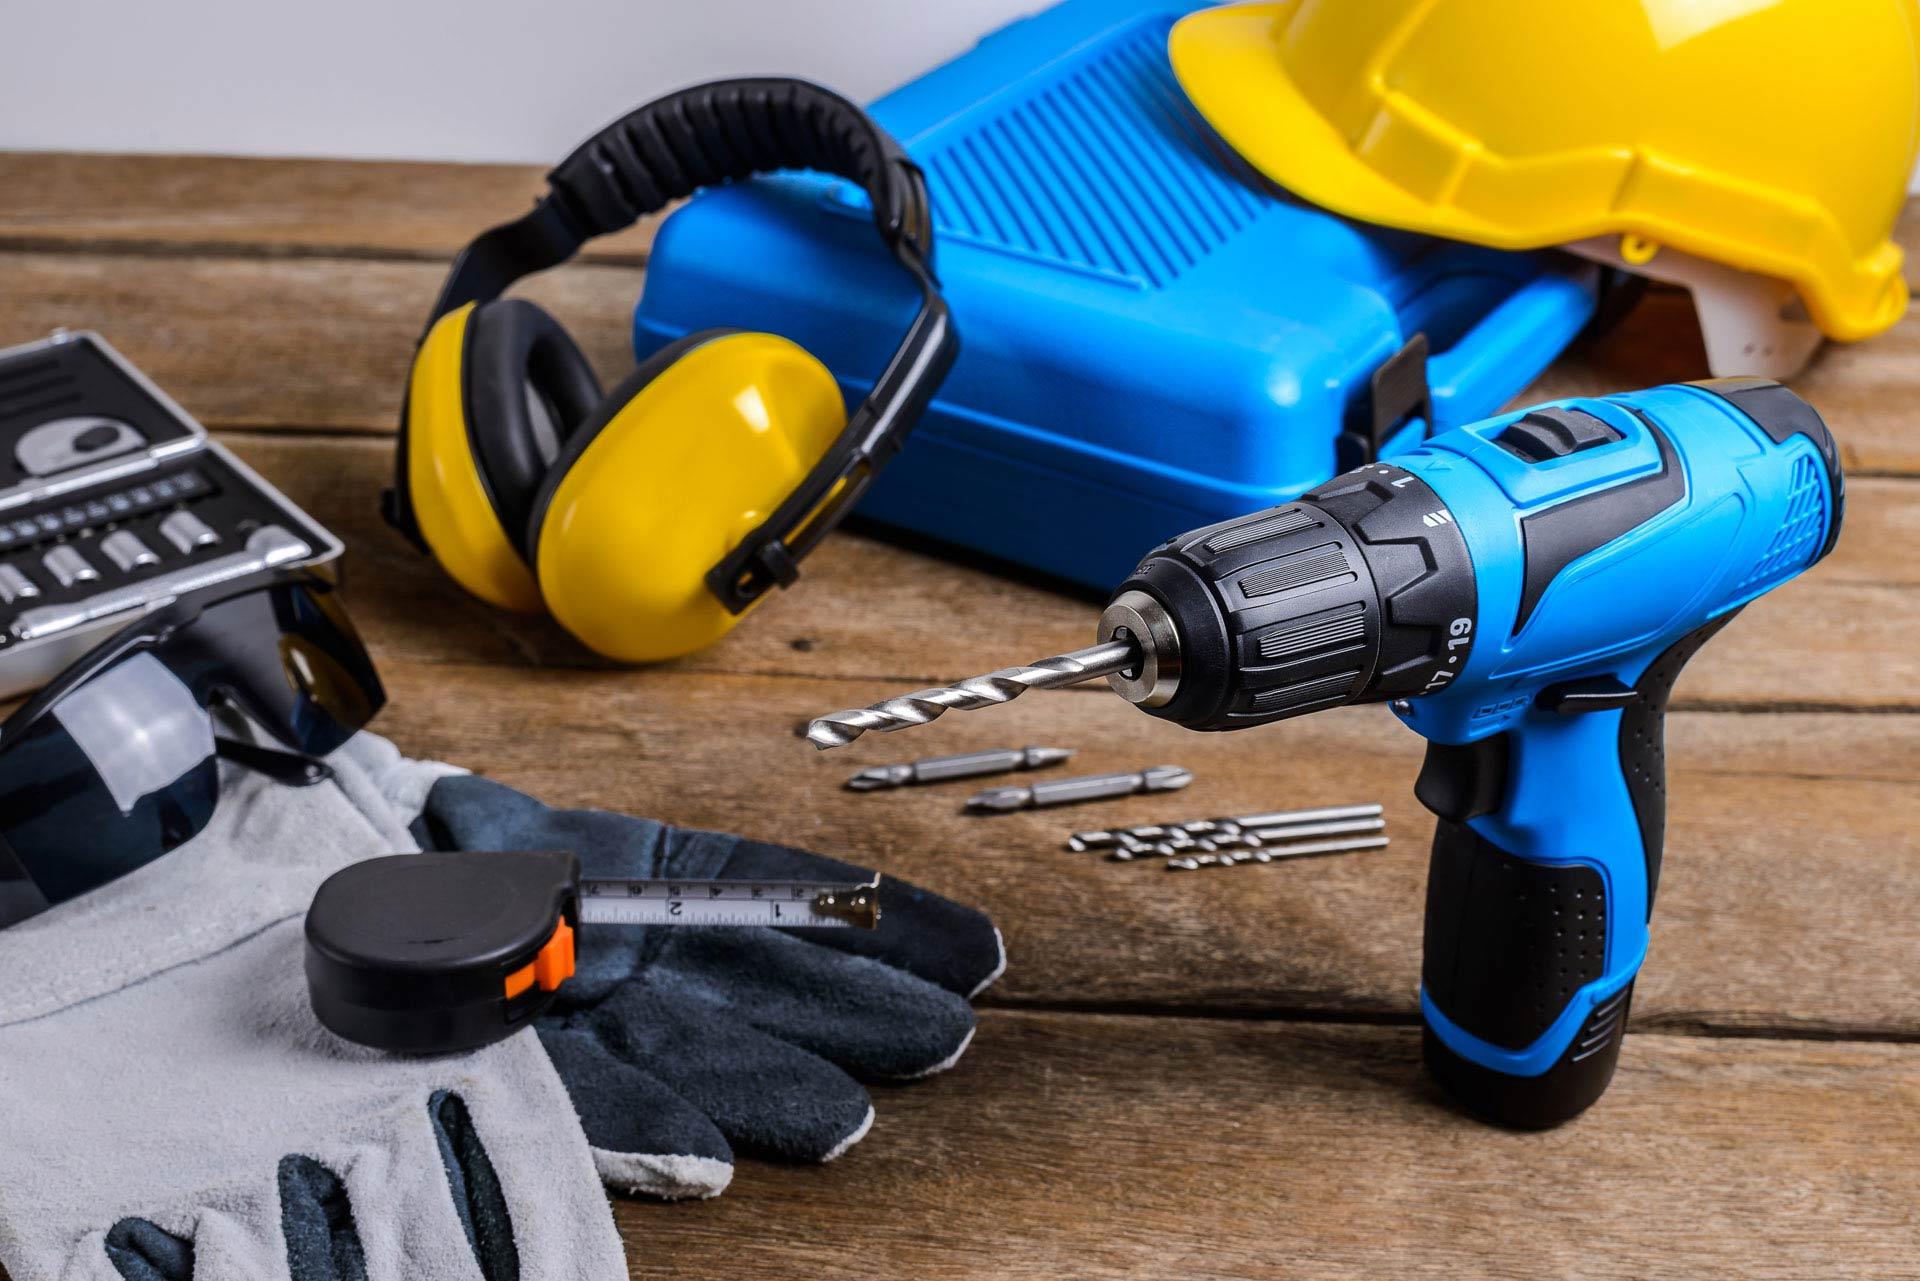 verktyg och bygghjälm